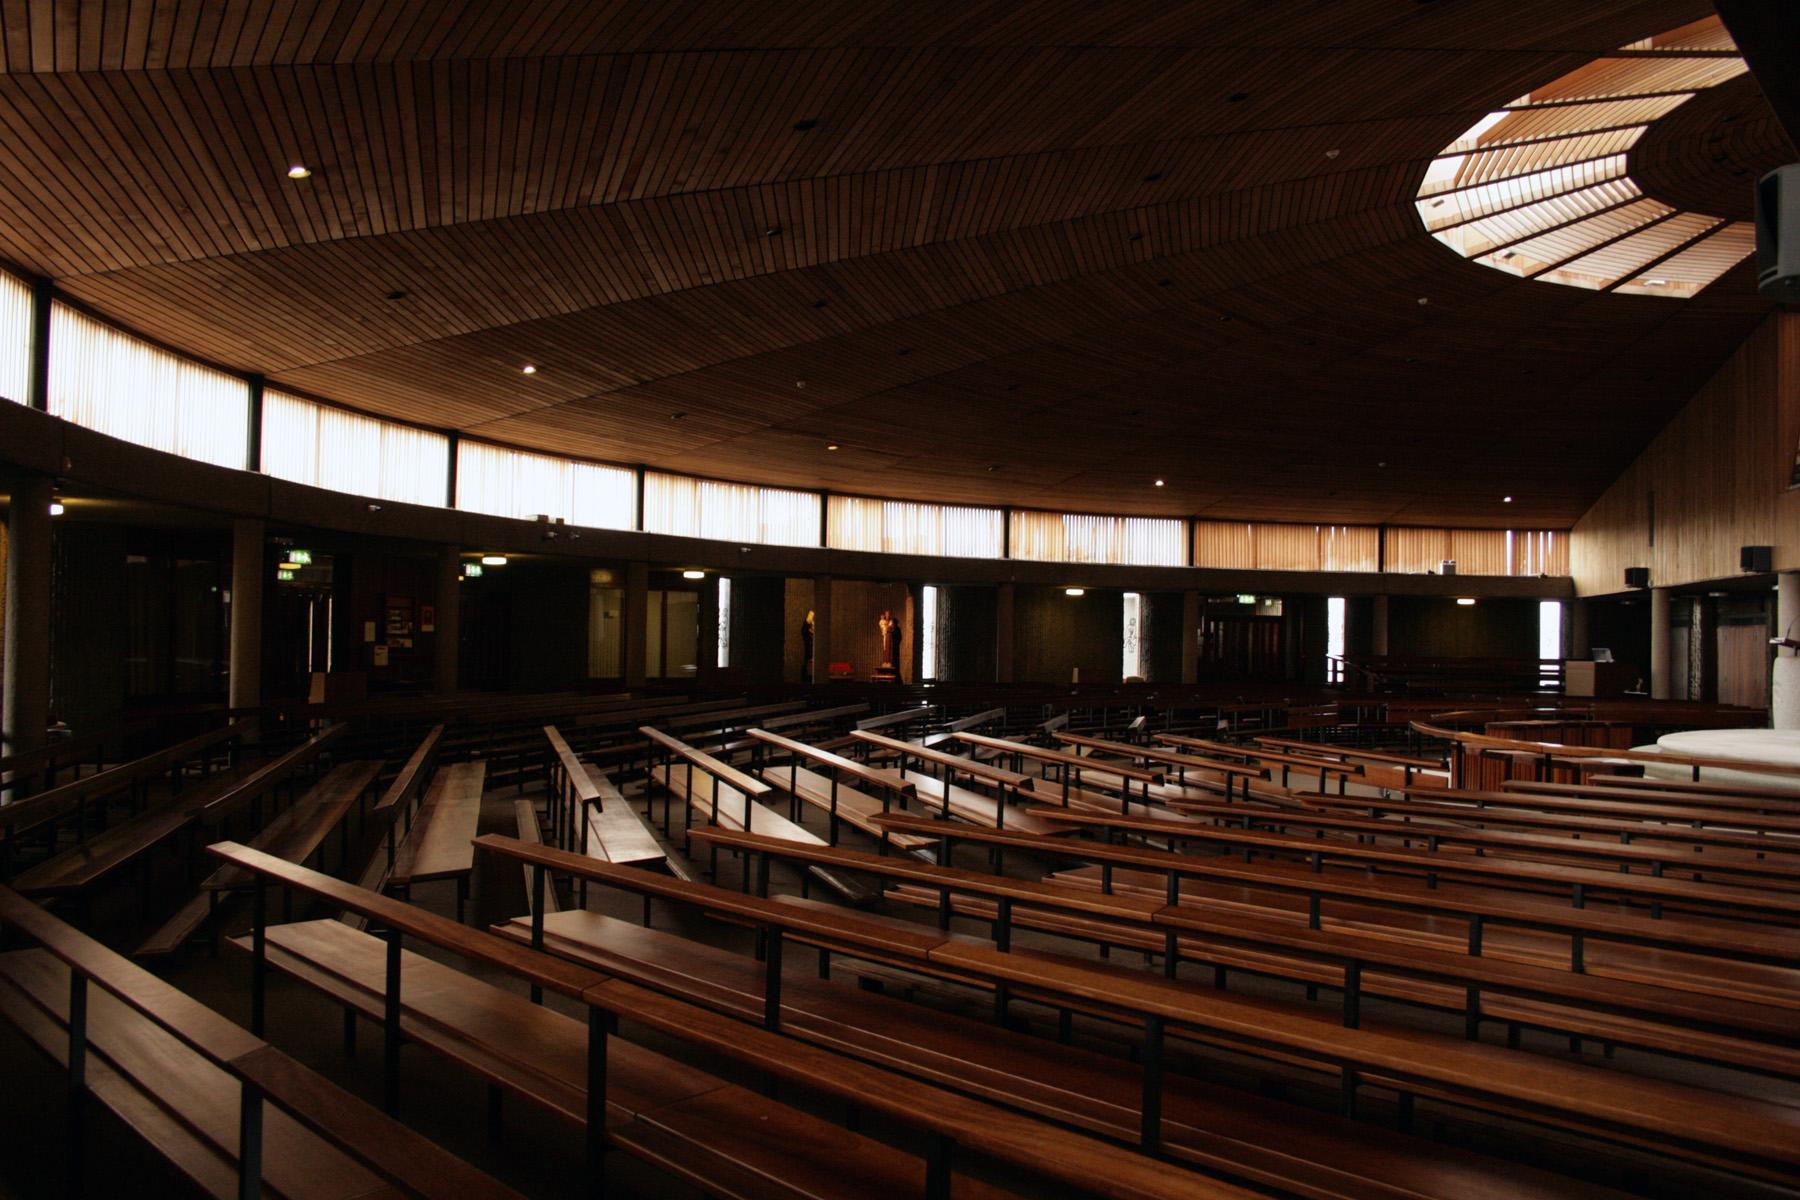 St fintans parish sutton webcam